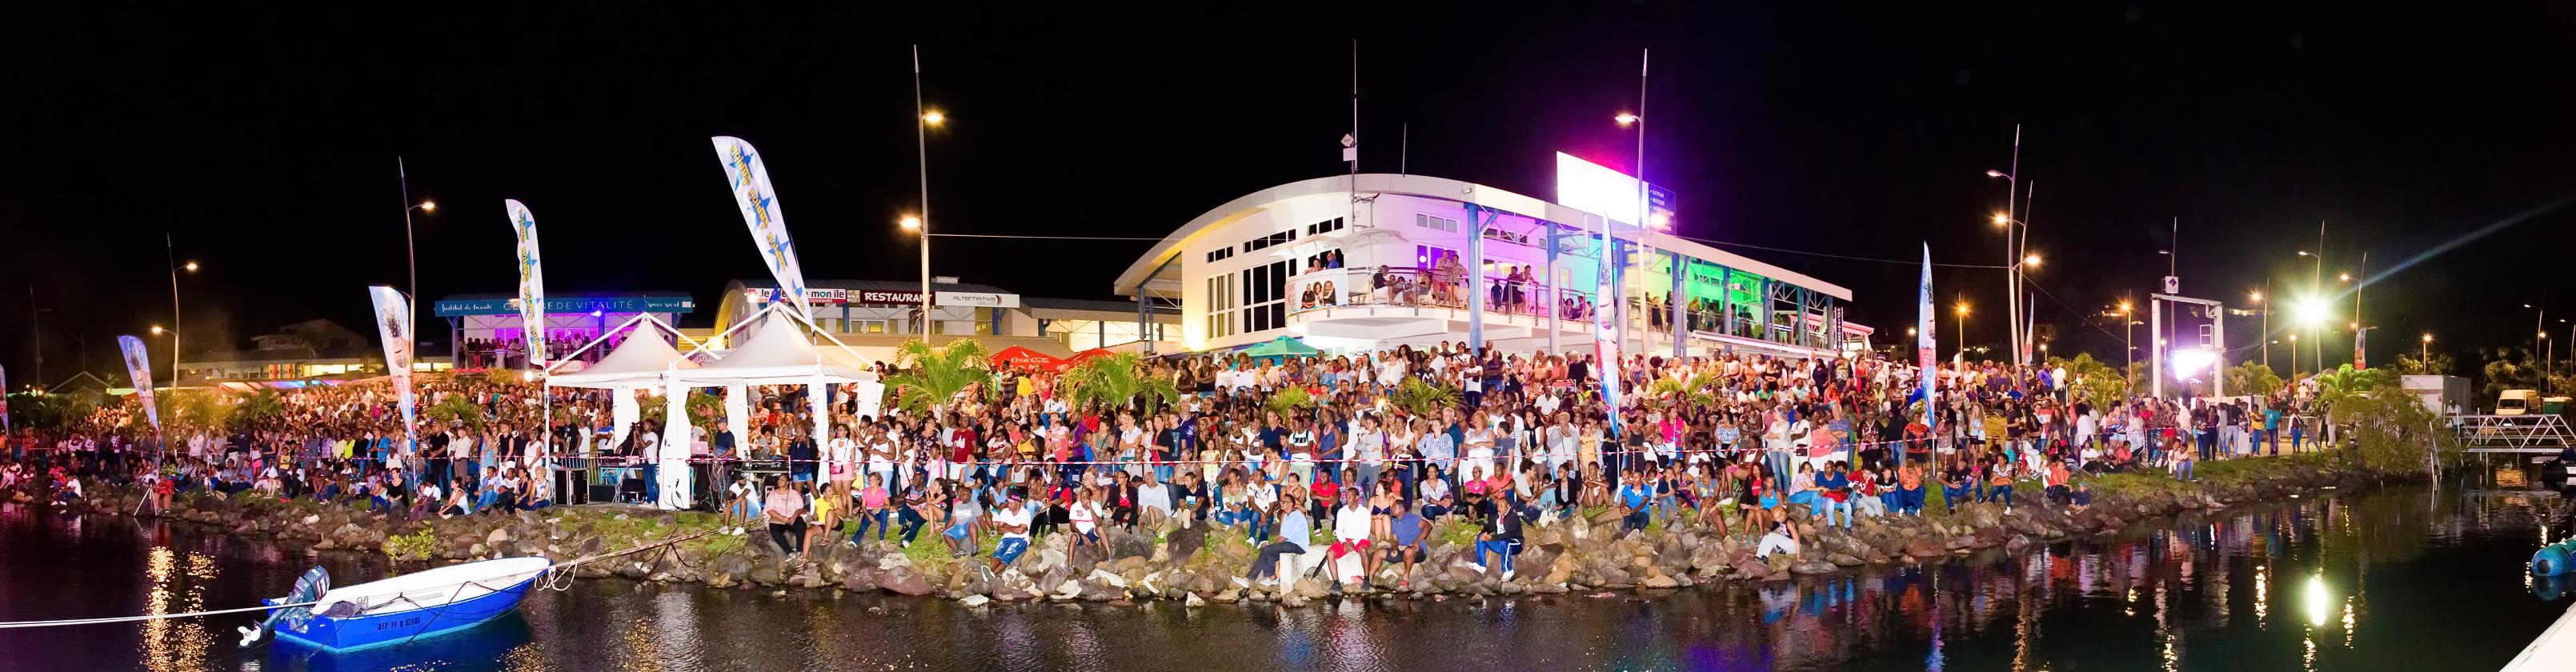 Oasis Marina Show 2017